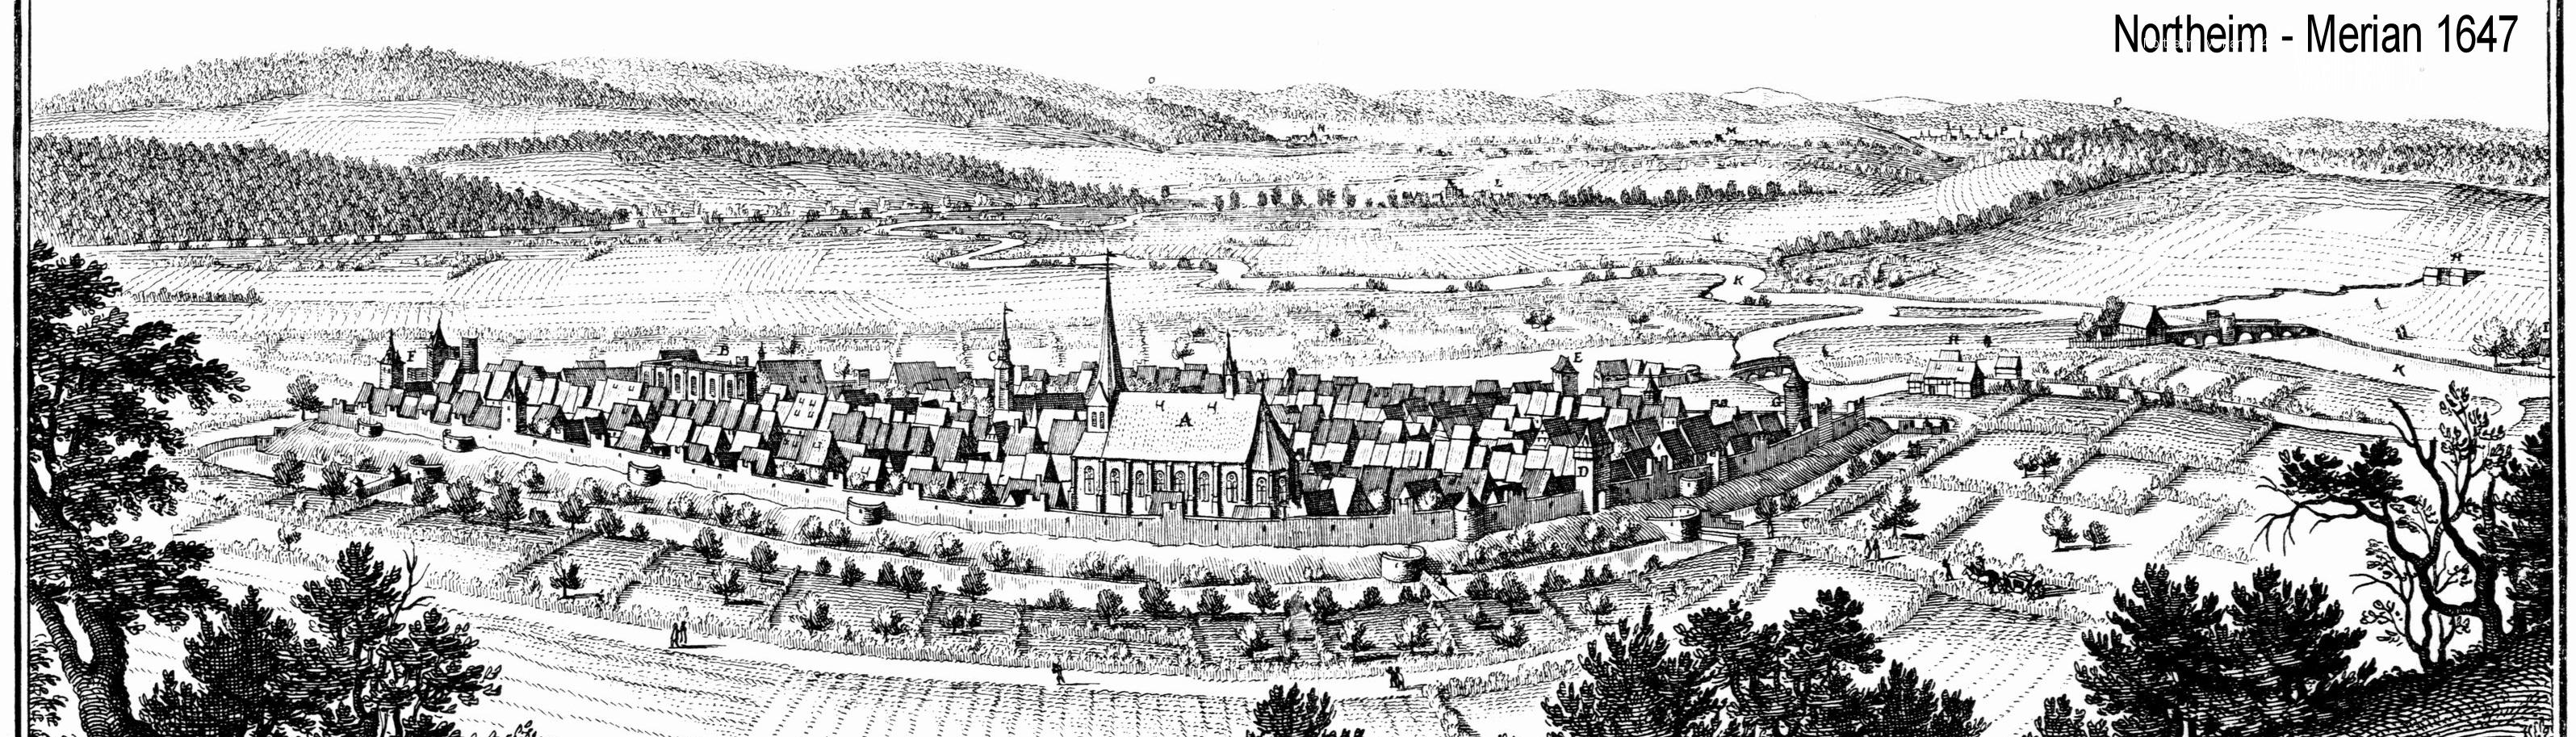 Northeim-1654-Merian-.-